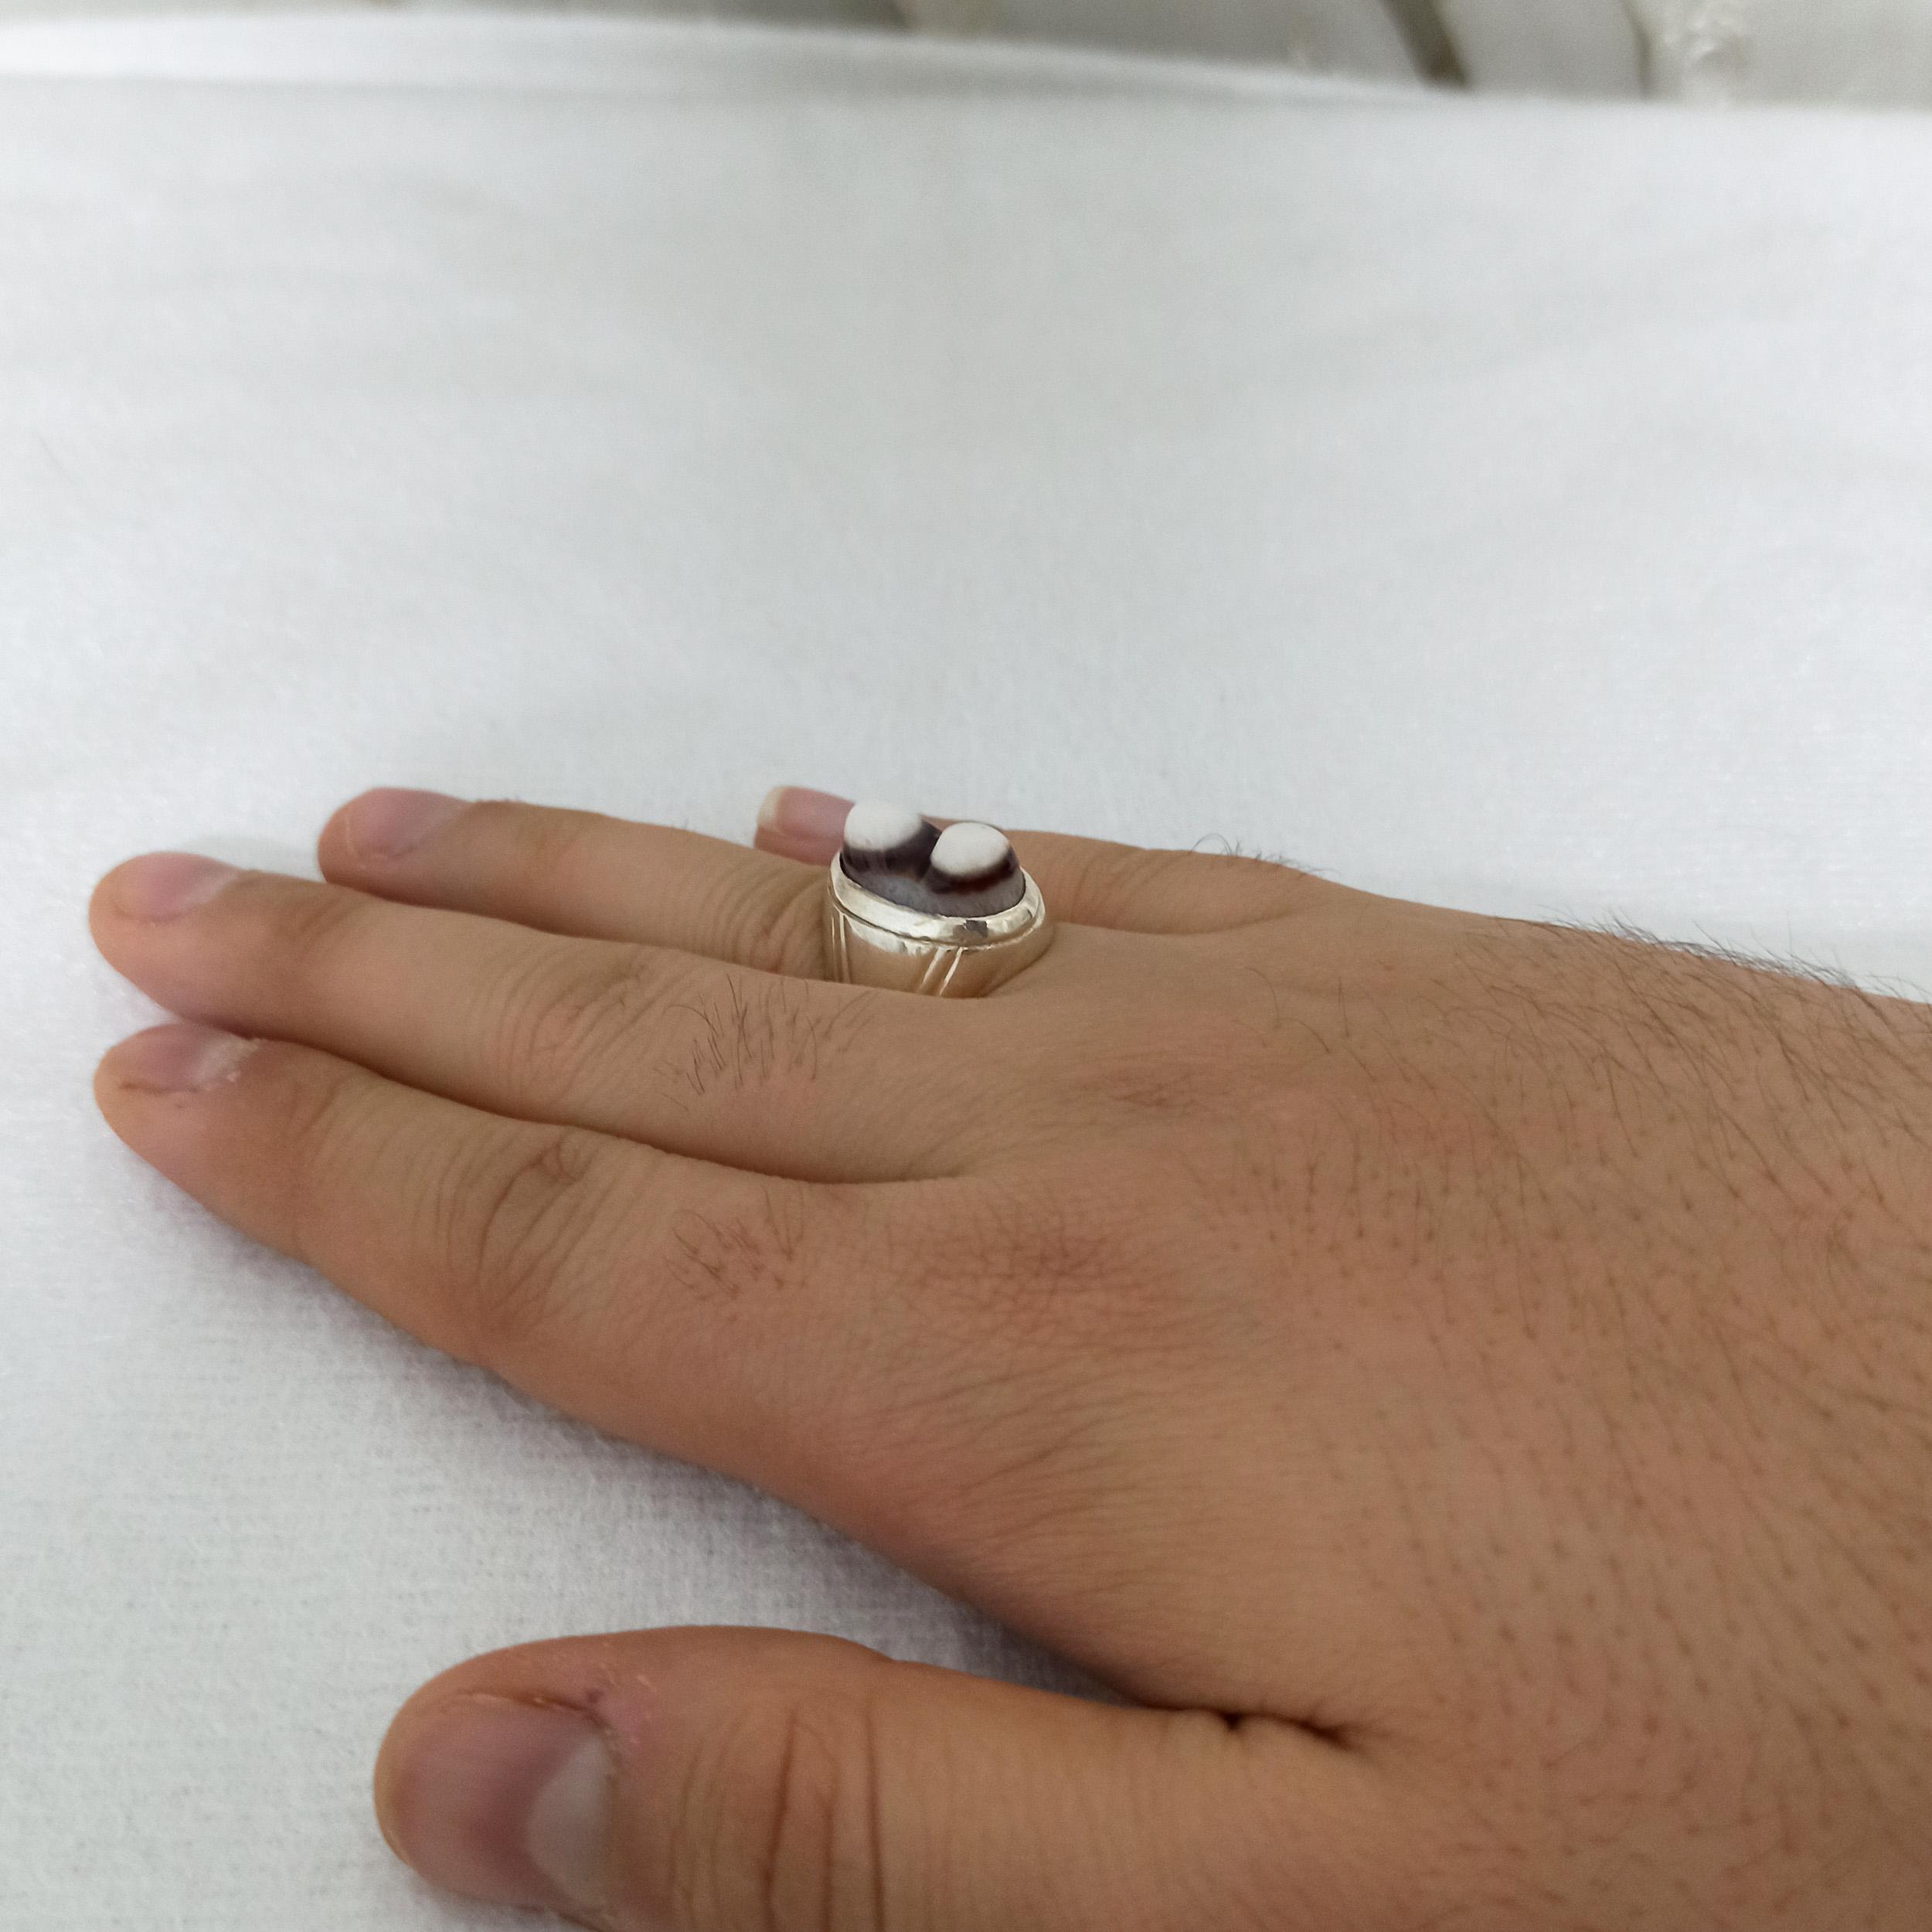 انگشتر نقره مردانه سلین کالا مدل ce-gh5